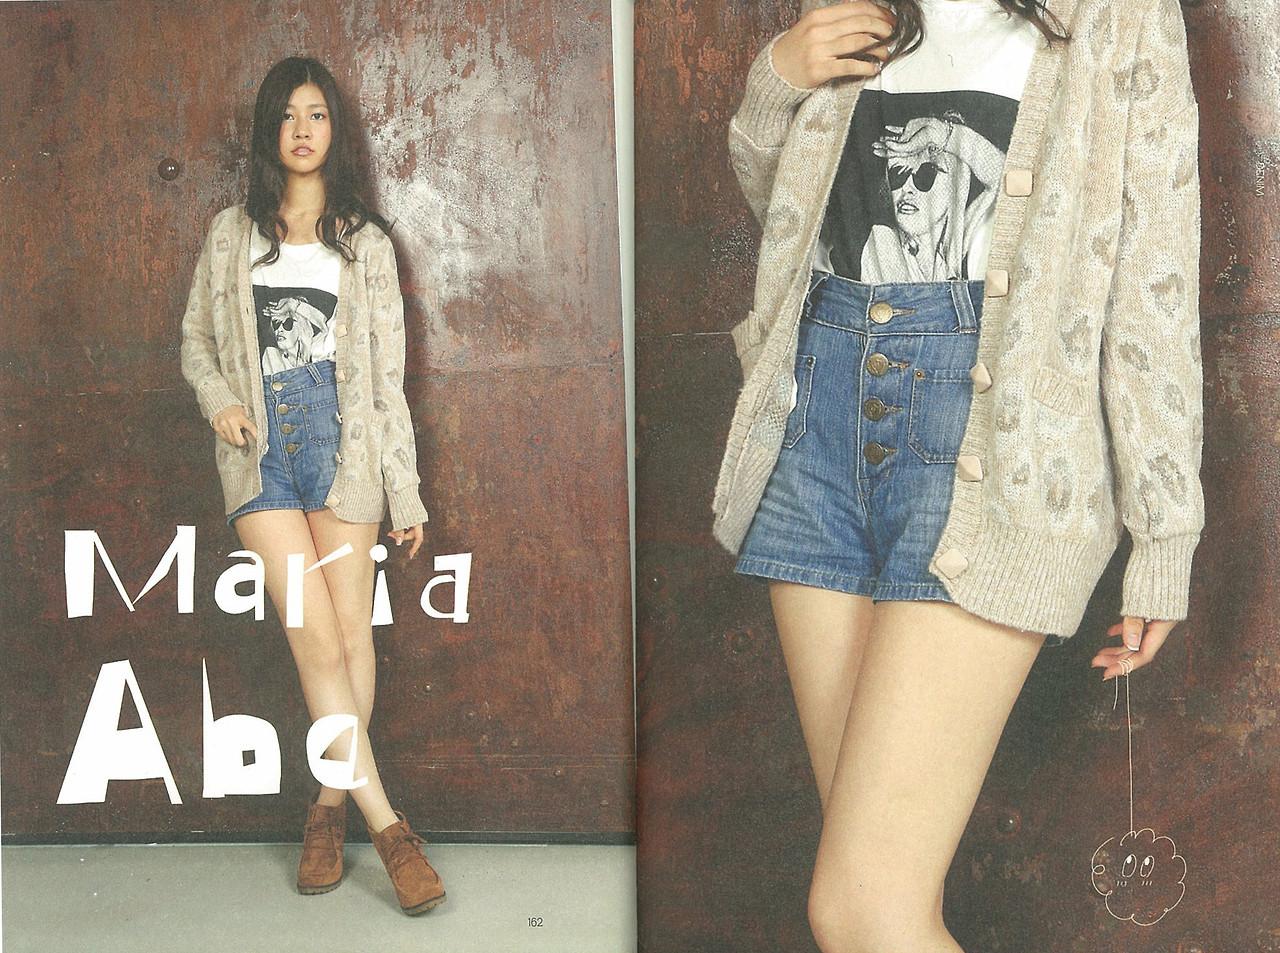 【朗報】阿部マリア女性ファッション誌「Soup・(スープ)」の専属モデルに決定!【AKB48】